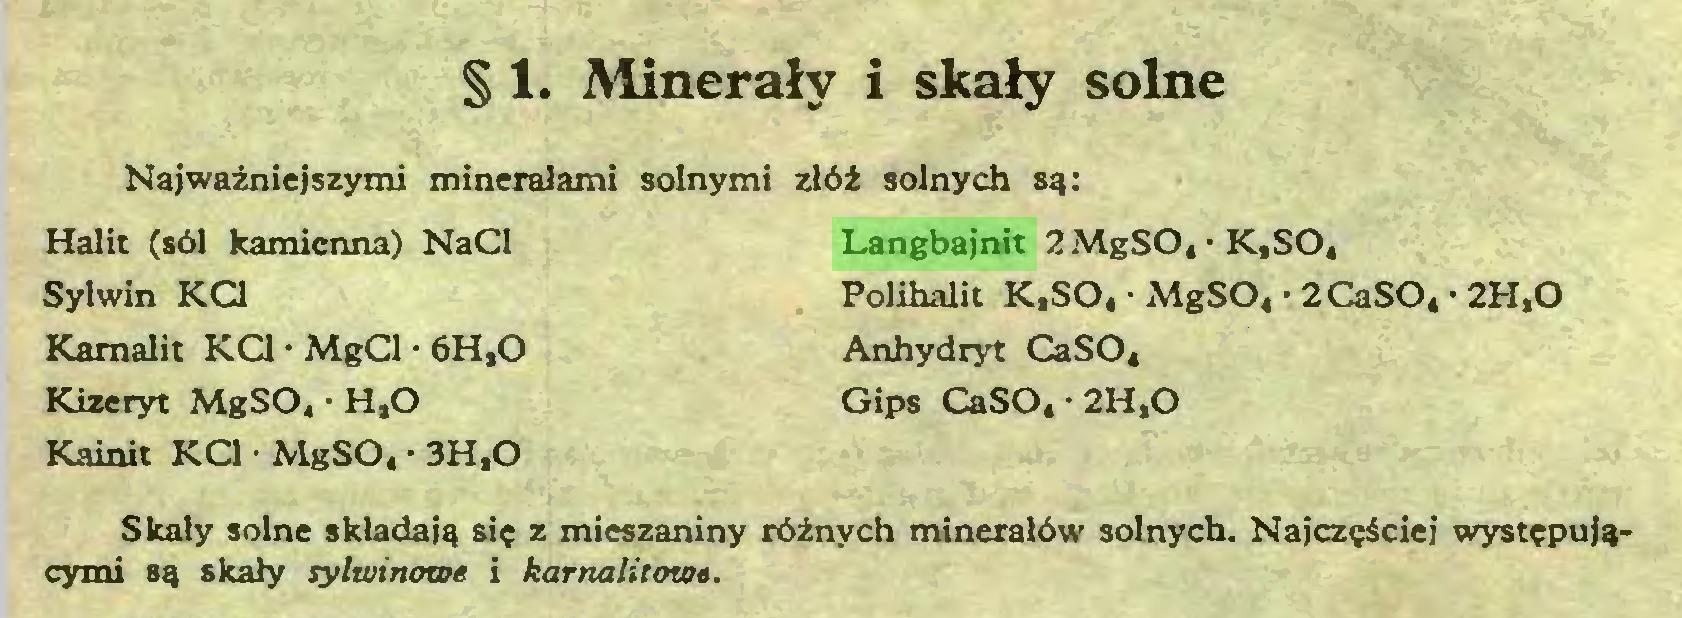 (...) § 1. Minerały i skały solne Najważniejszymi minerałami solnymi złóż solnych są: Halit (sól kamienna) NaCl Sylwin KC1 Karnalit KC1 • MgCl • 6H.O Kizeryt MgSO, • H.O Langbajnit 2MgSO, • K,SO, Polihalit K,SO, ■ MgS04 • 2CaSO, • 2H.O Anhydryt CaSO« Gips CaSOt • 2H,0 Kainit KC1 • MgSO. • 3H.O Skały solne składają się z mieszaniny różnych minerałów solnych. Najczęściej występującymi są skały sylwinowe i karnalitowa...